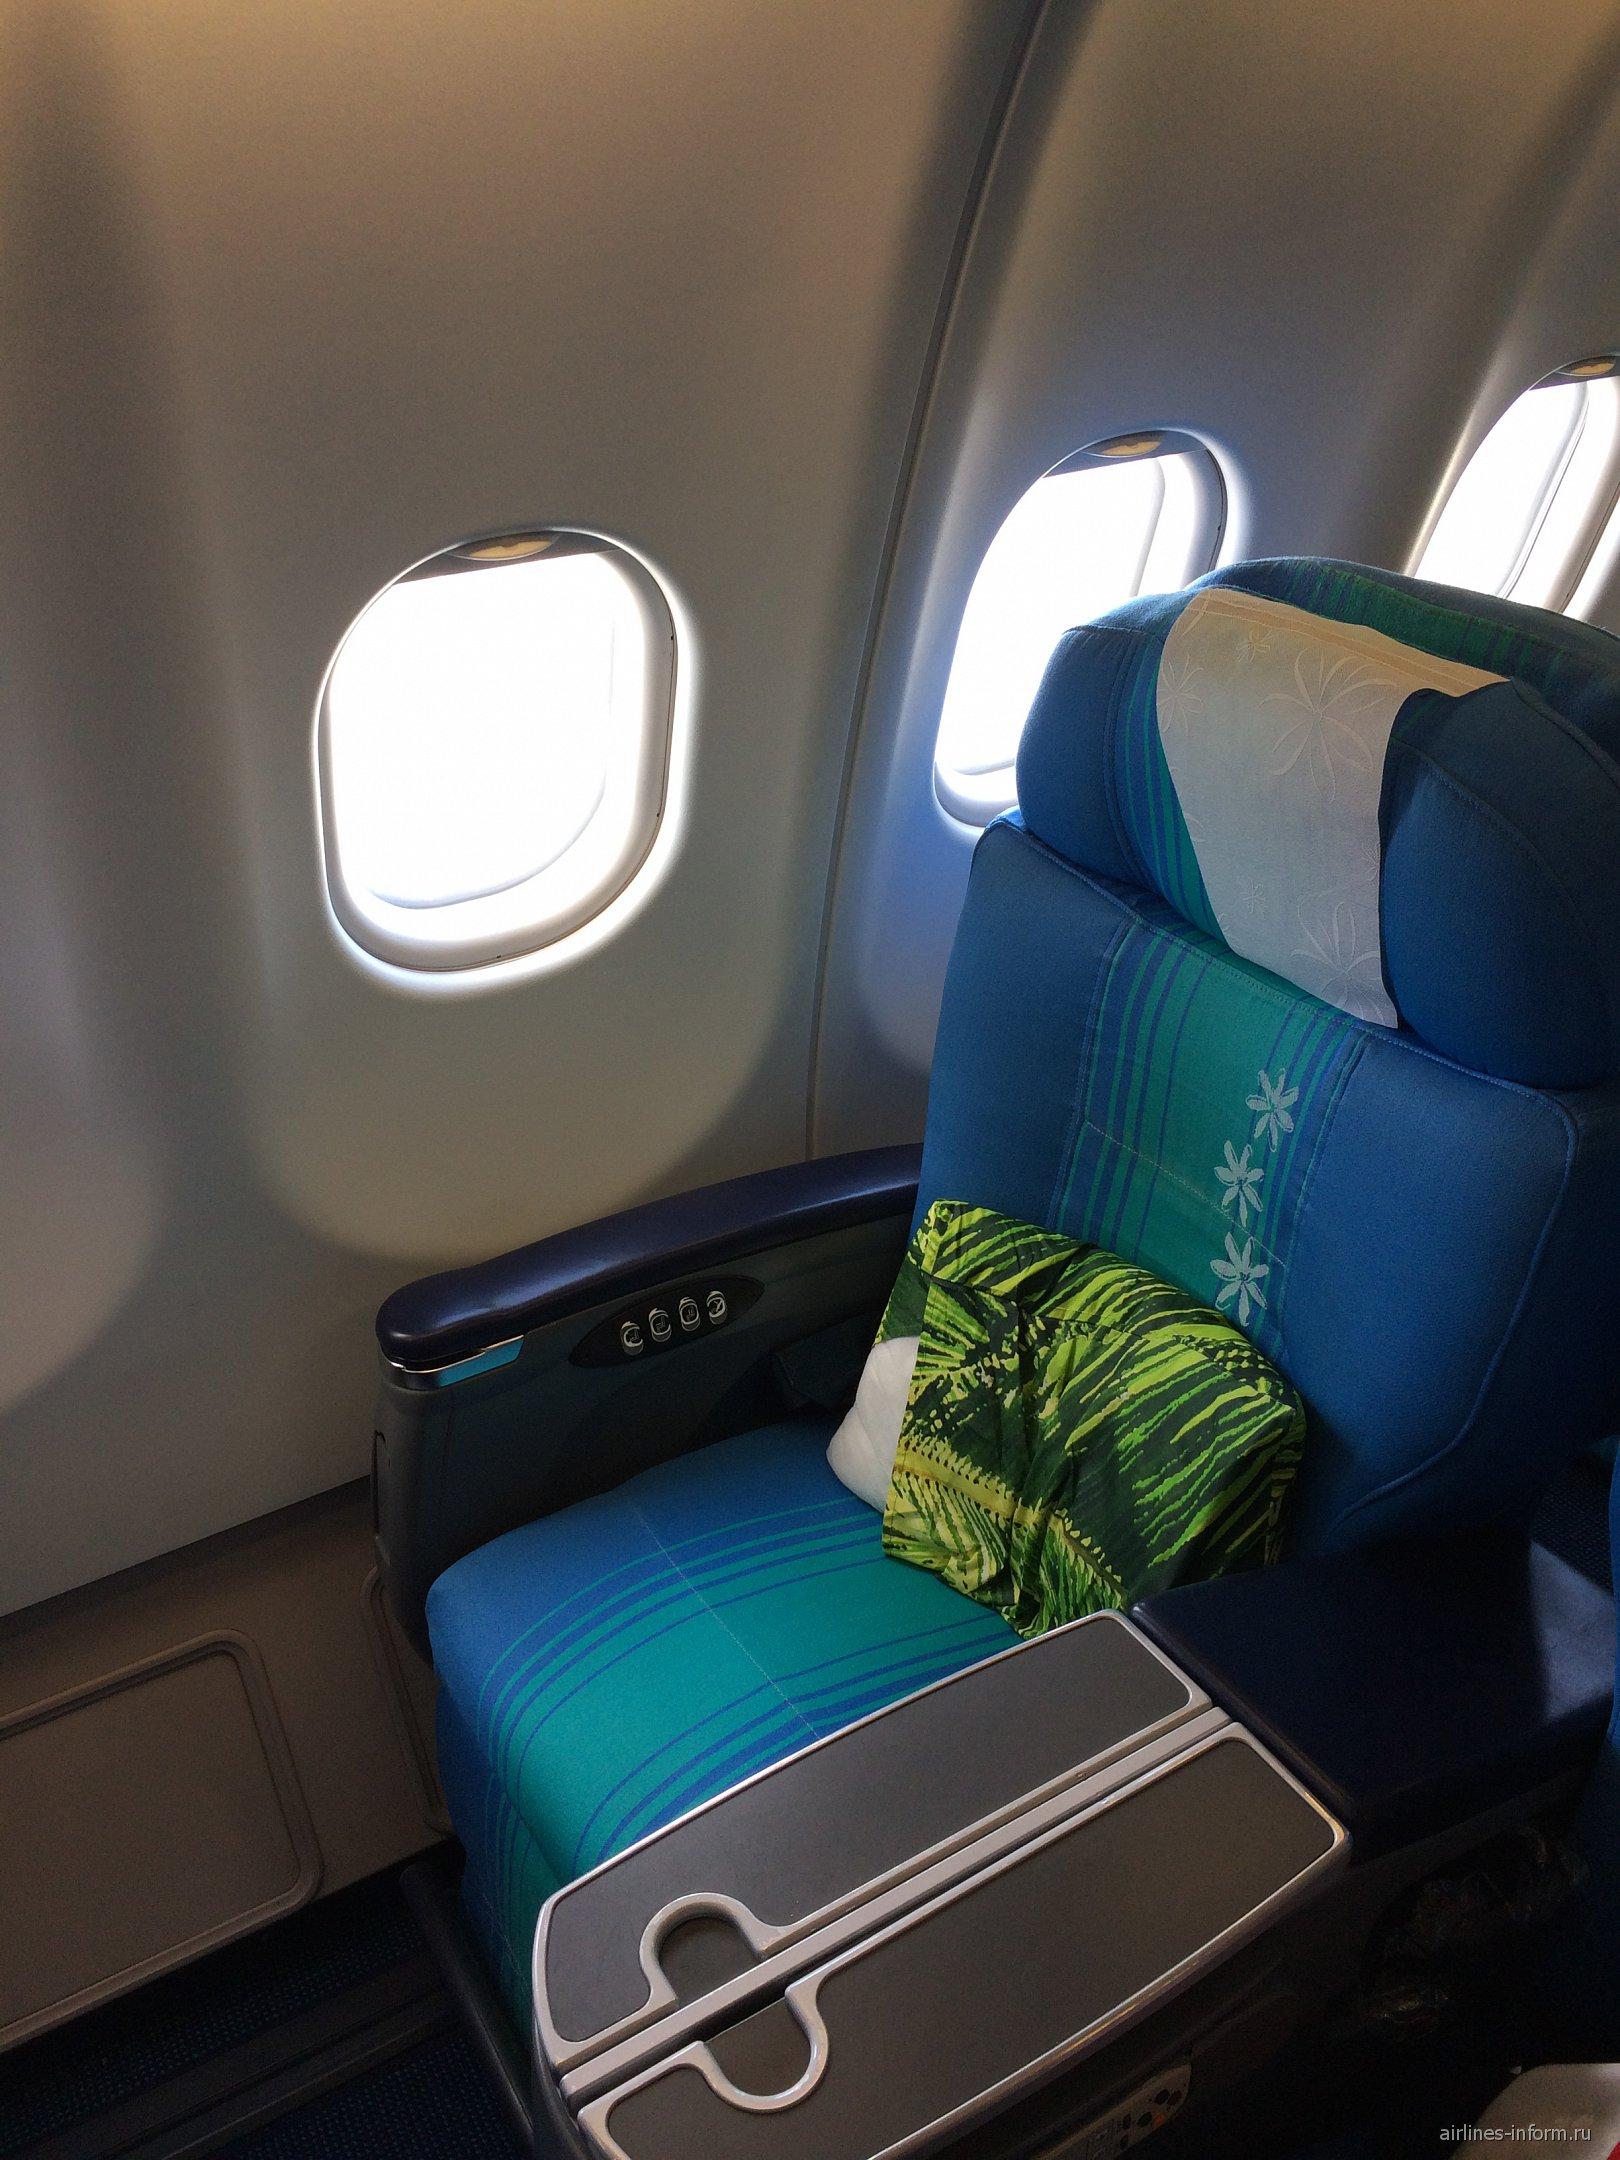 Пассажирское кресла бизнес-класса в самолете Airbus A340-300 авиакомпании Air Tahiti Nui